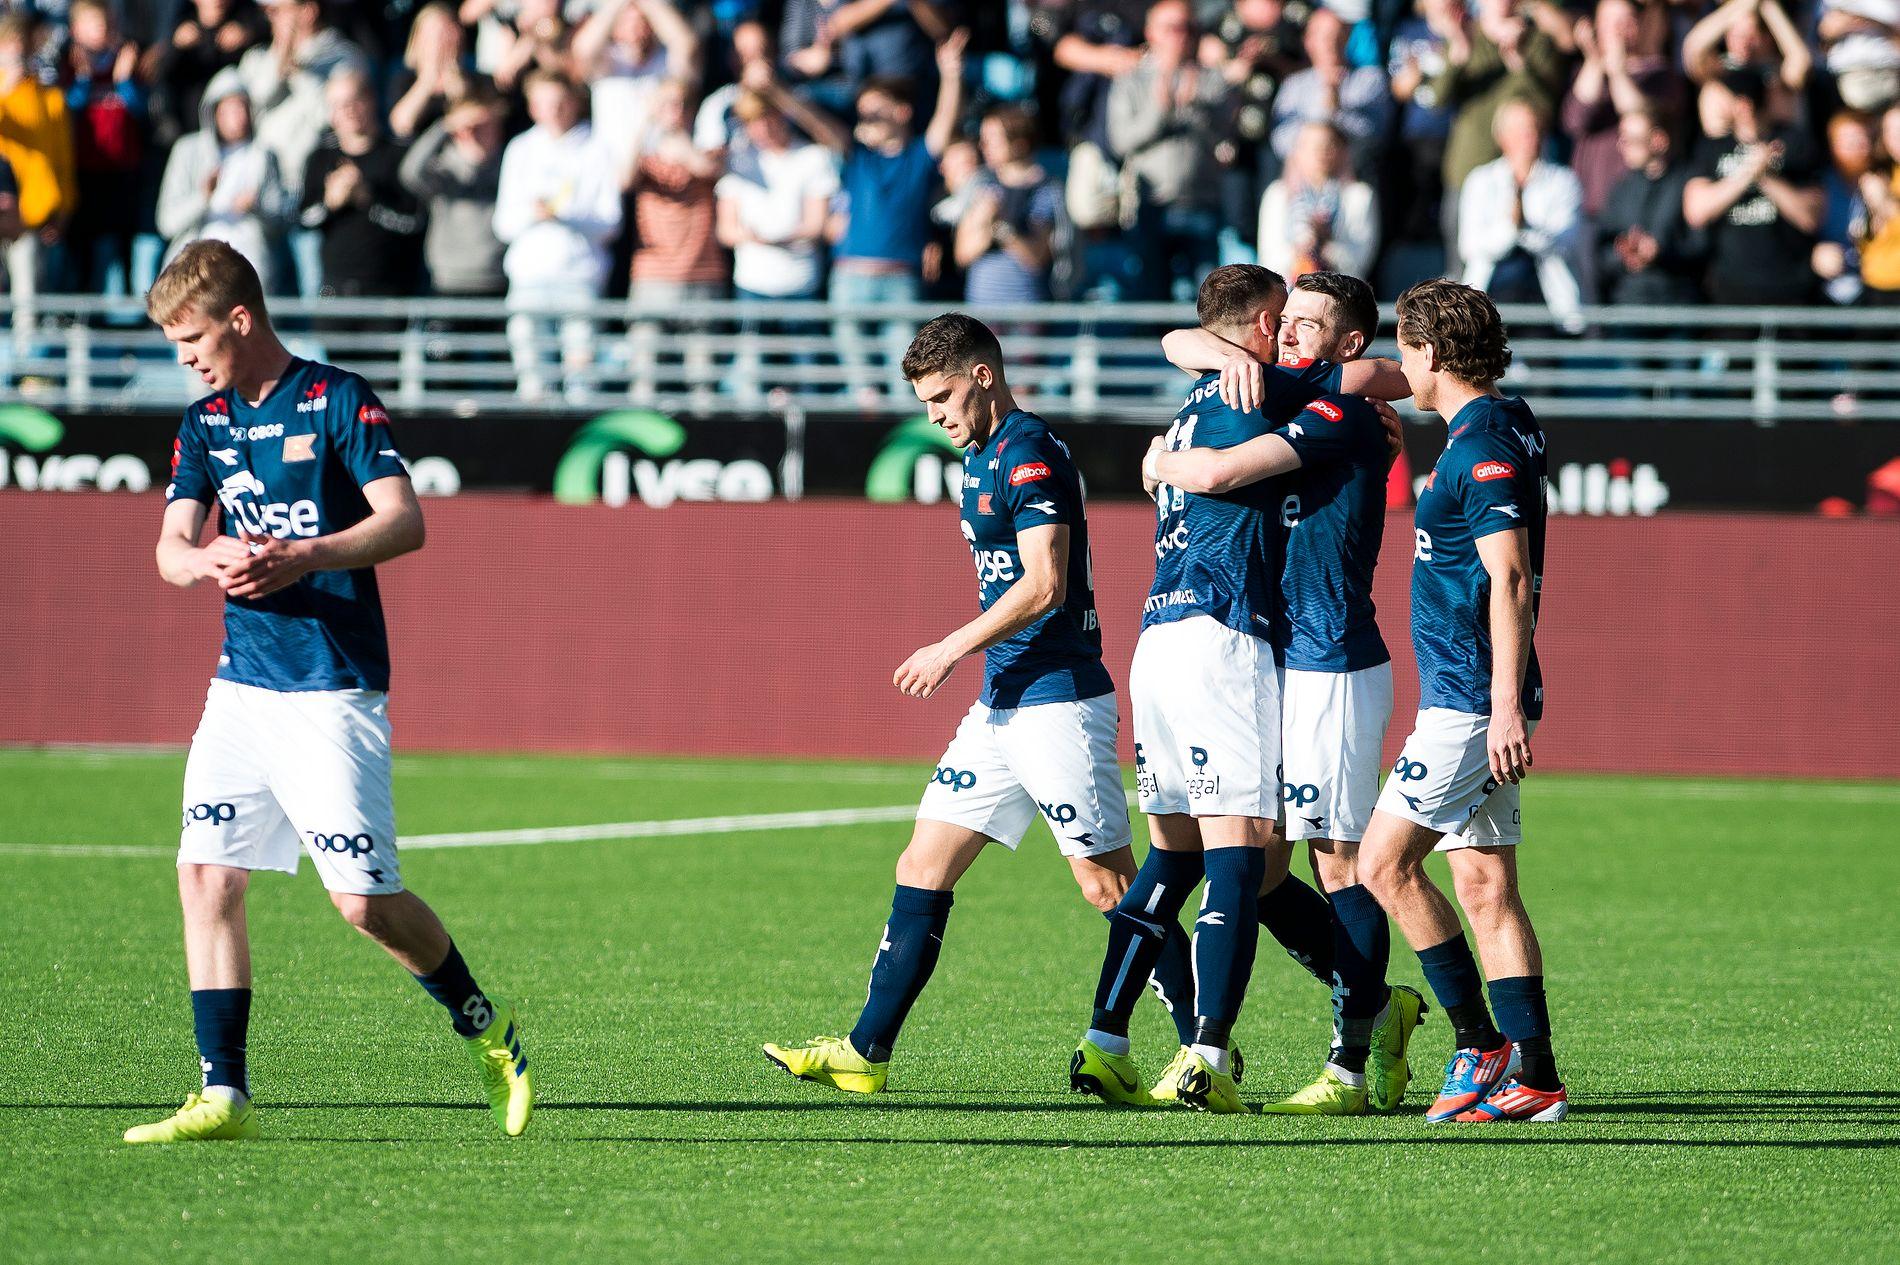 VANT: Etter at Stabæk ble redusert til ti mann hadde Viking full kontroll på eget gress. Zymer Bytyqi hamret inn spikeren etter 65 minutter.